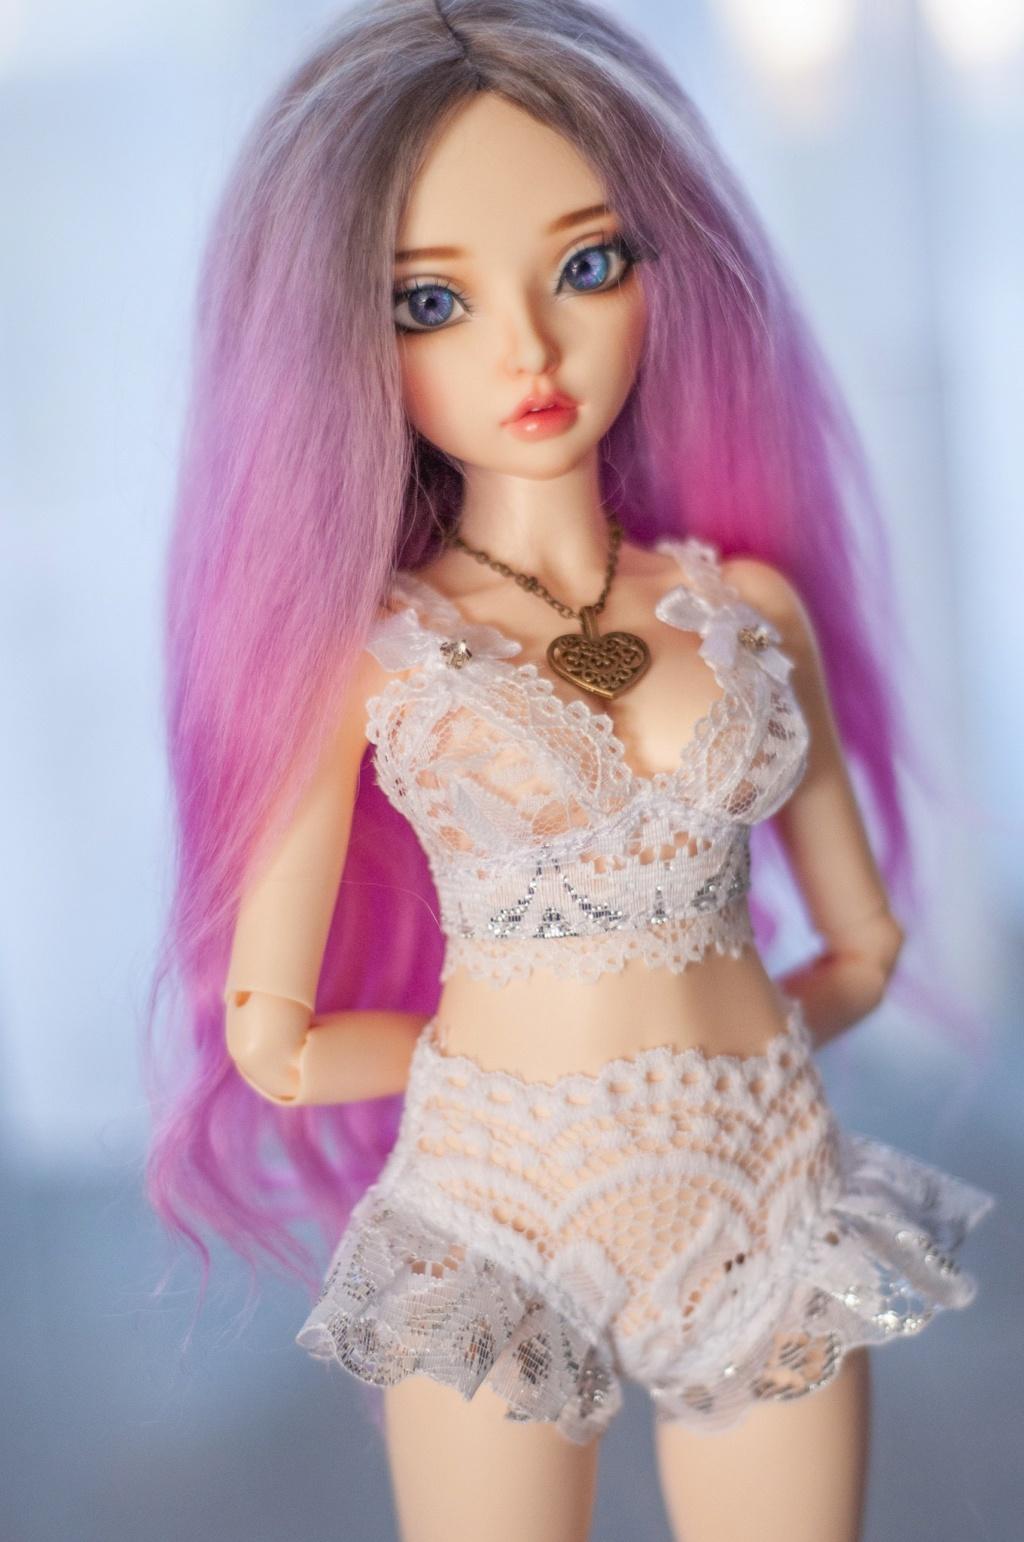 [VENTES] Minifee Celine Full set makeup Eludys 42138910